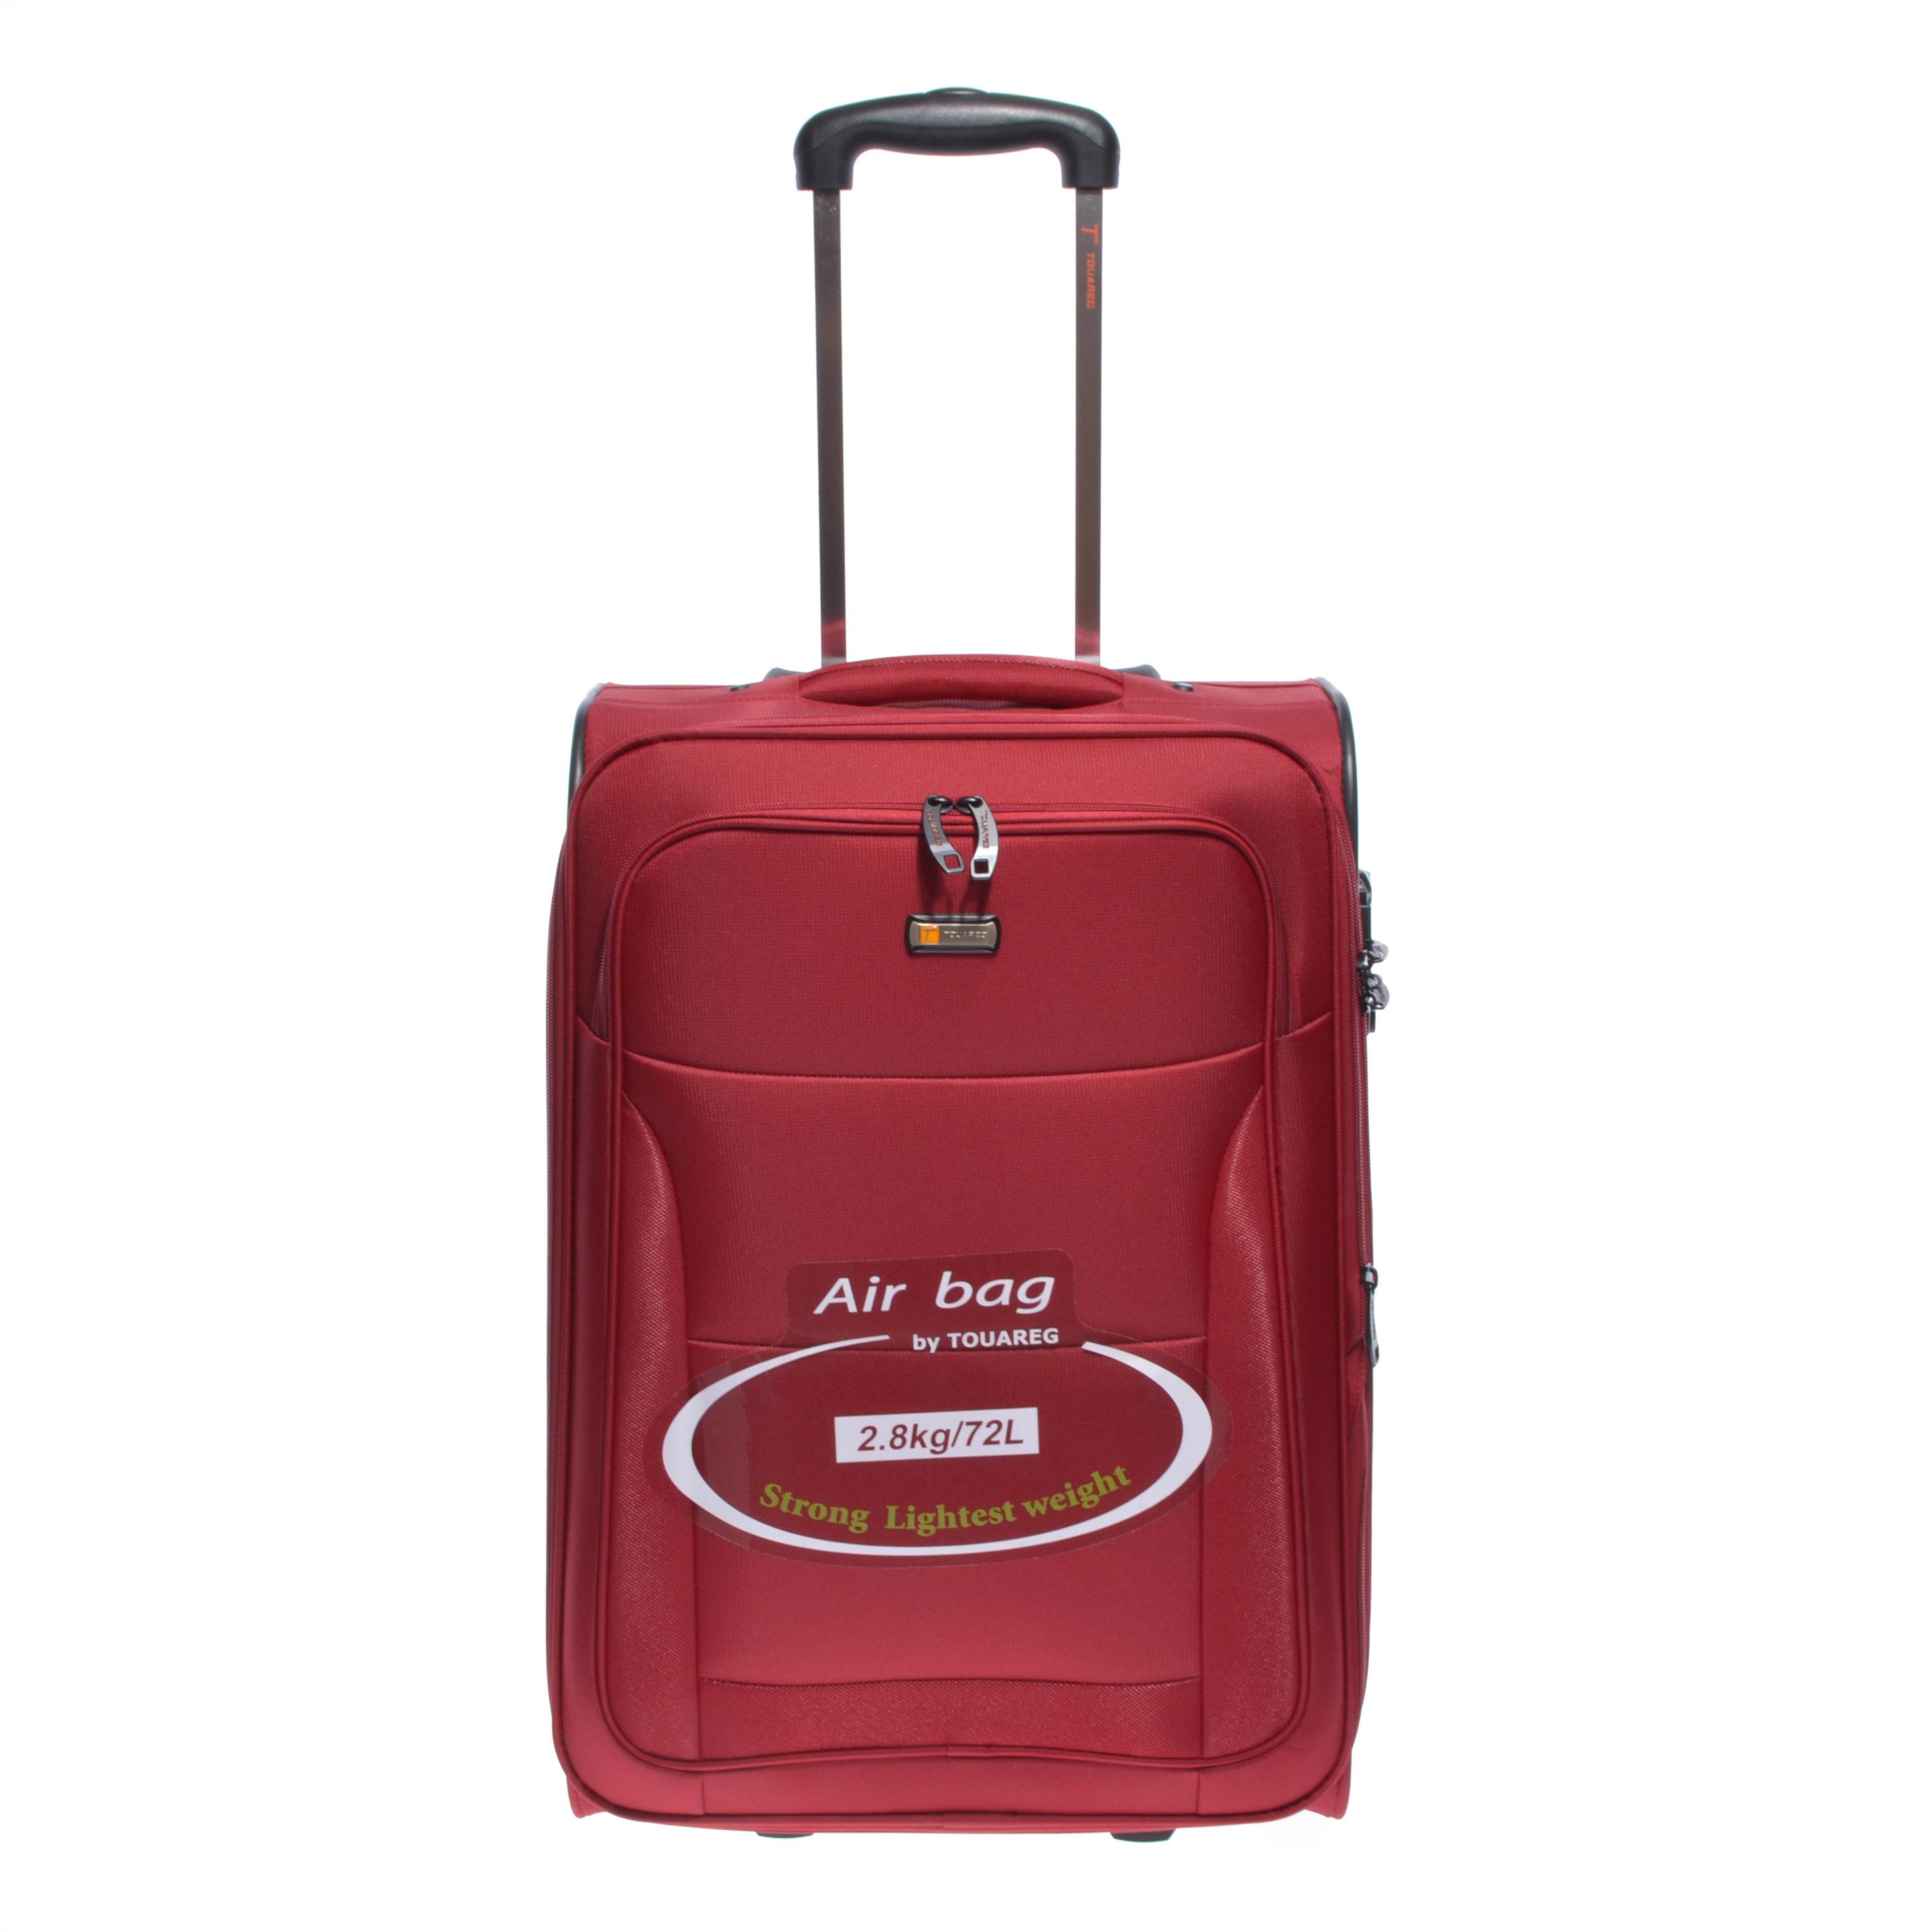 9797ef752404 Air6201 Bordó Touareg Közepes Méretű Bőrönd - KÖZEPES MÉRETŰ BŐRÖNDÖK - Táska  webáruház - Minőségi táskák mindenkinek